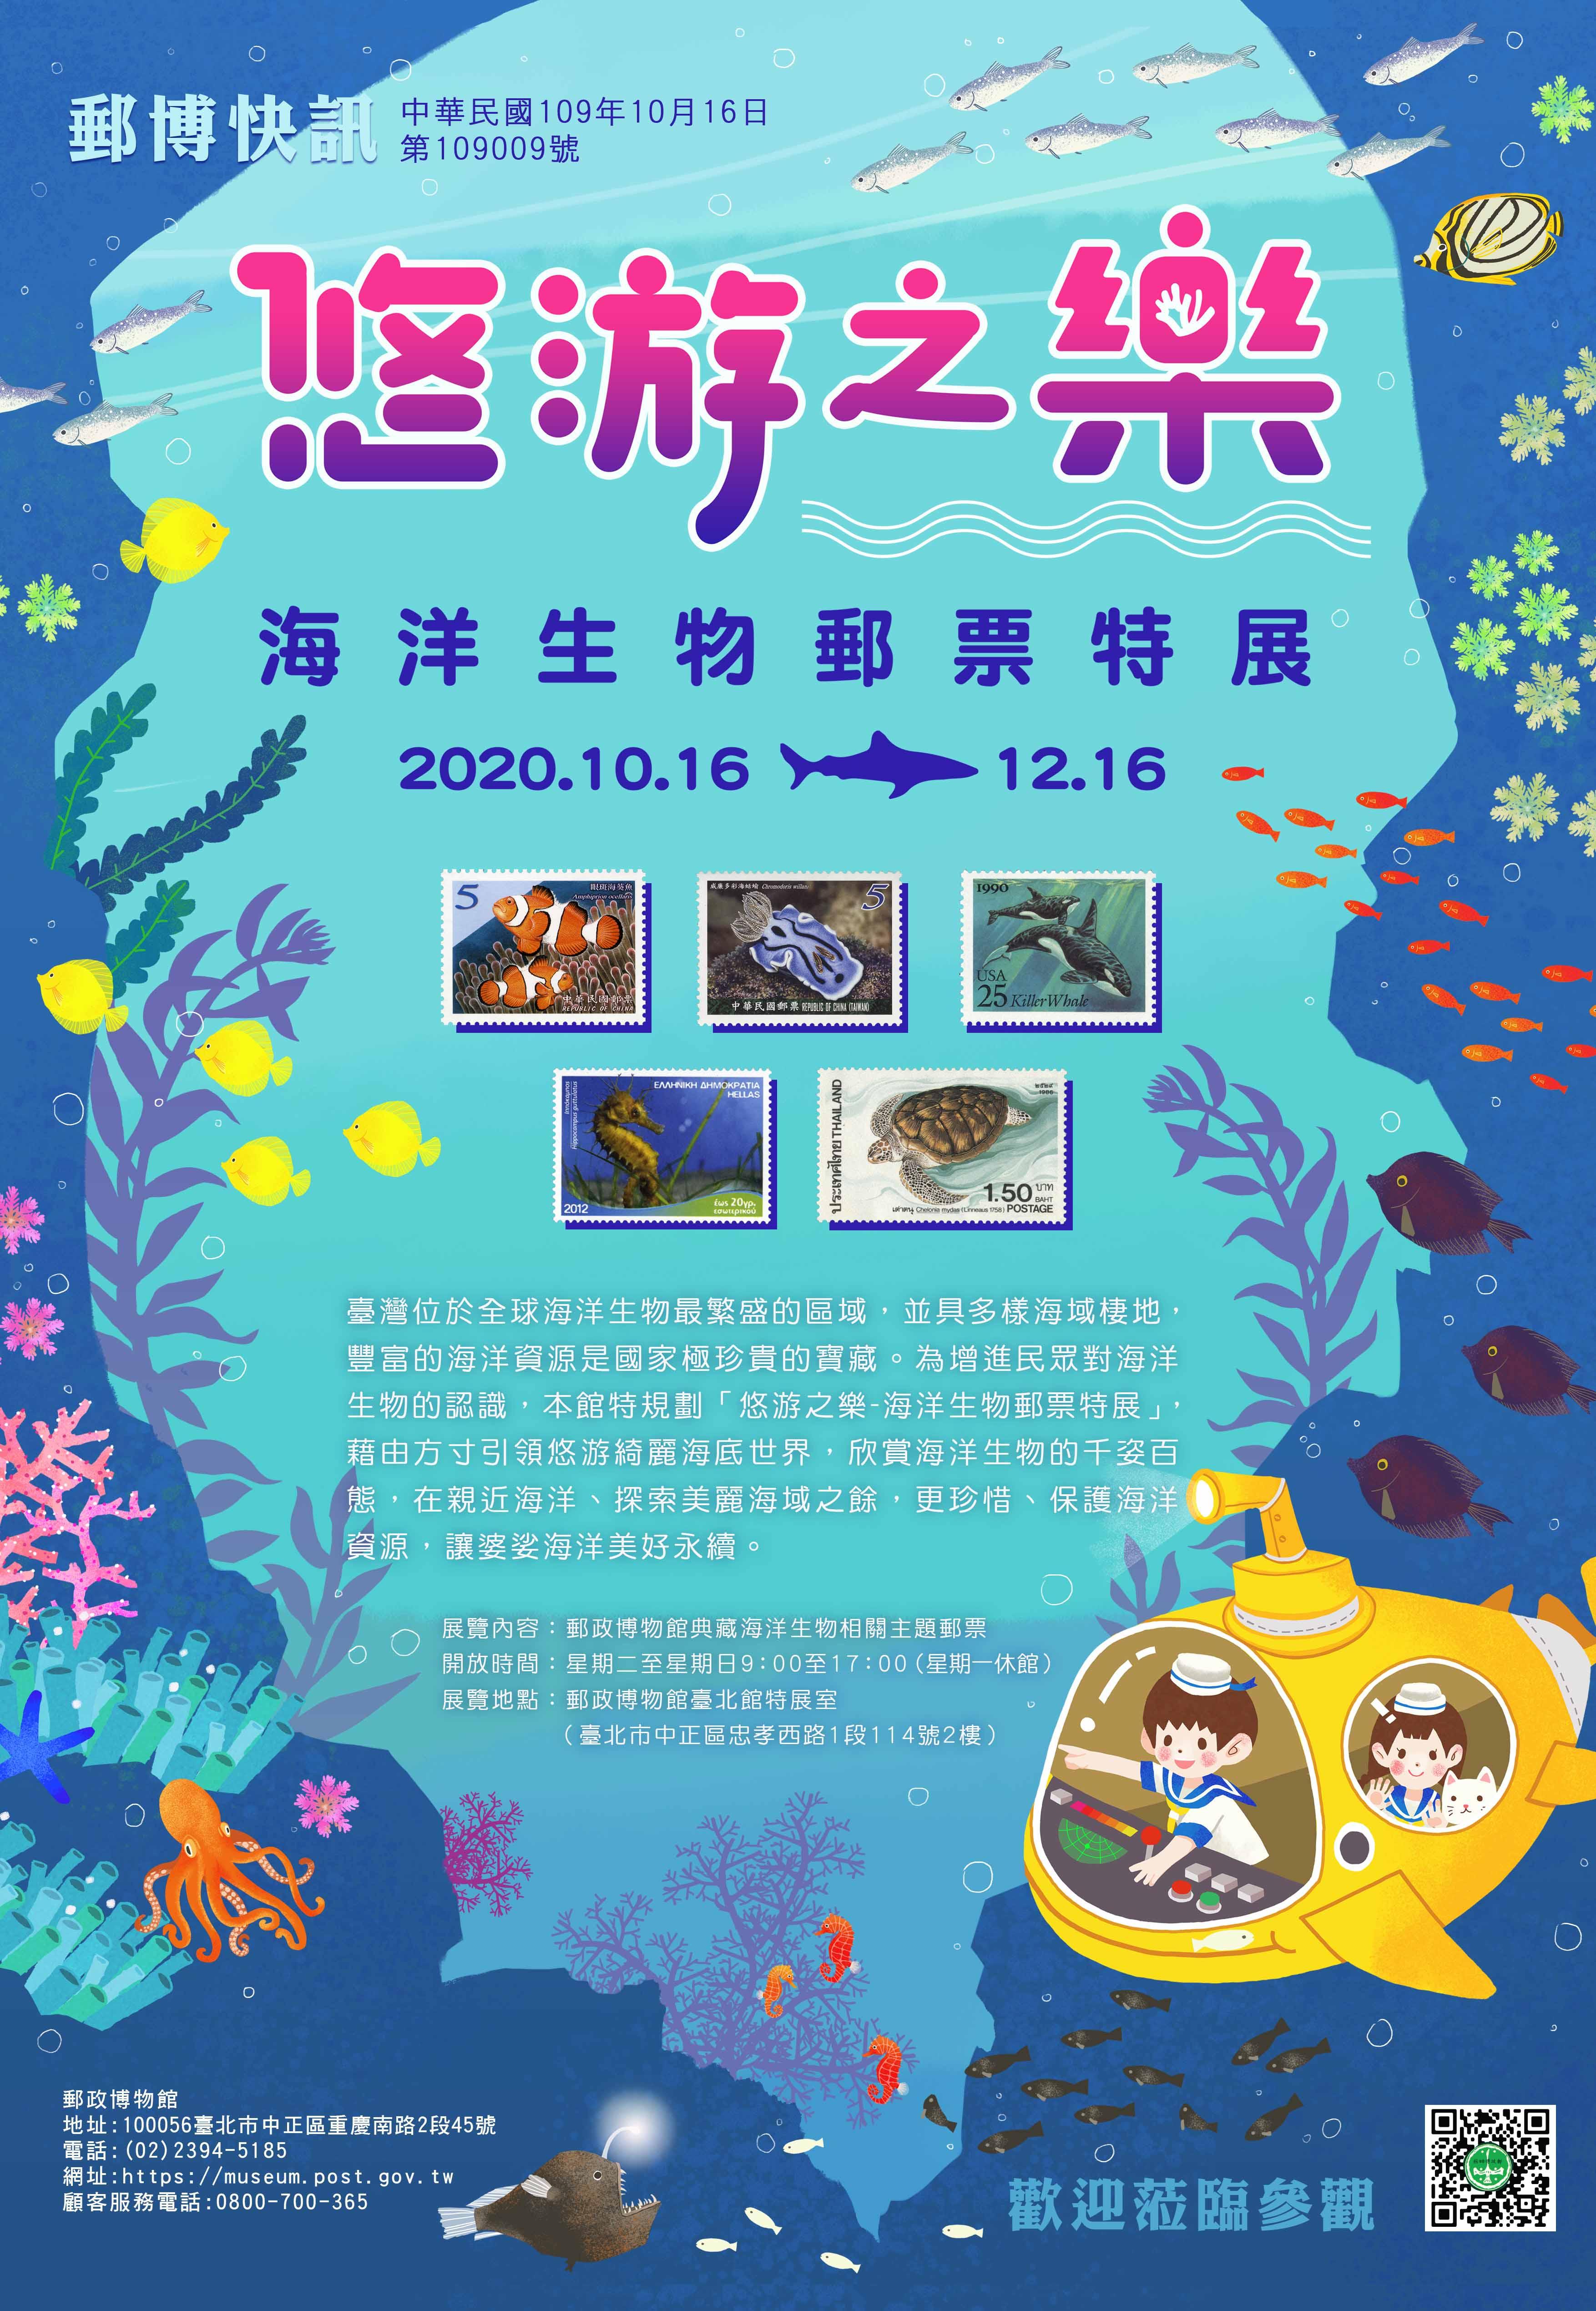 悠游之樂-海洋生物郵票特展